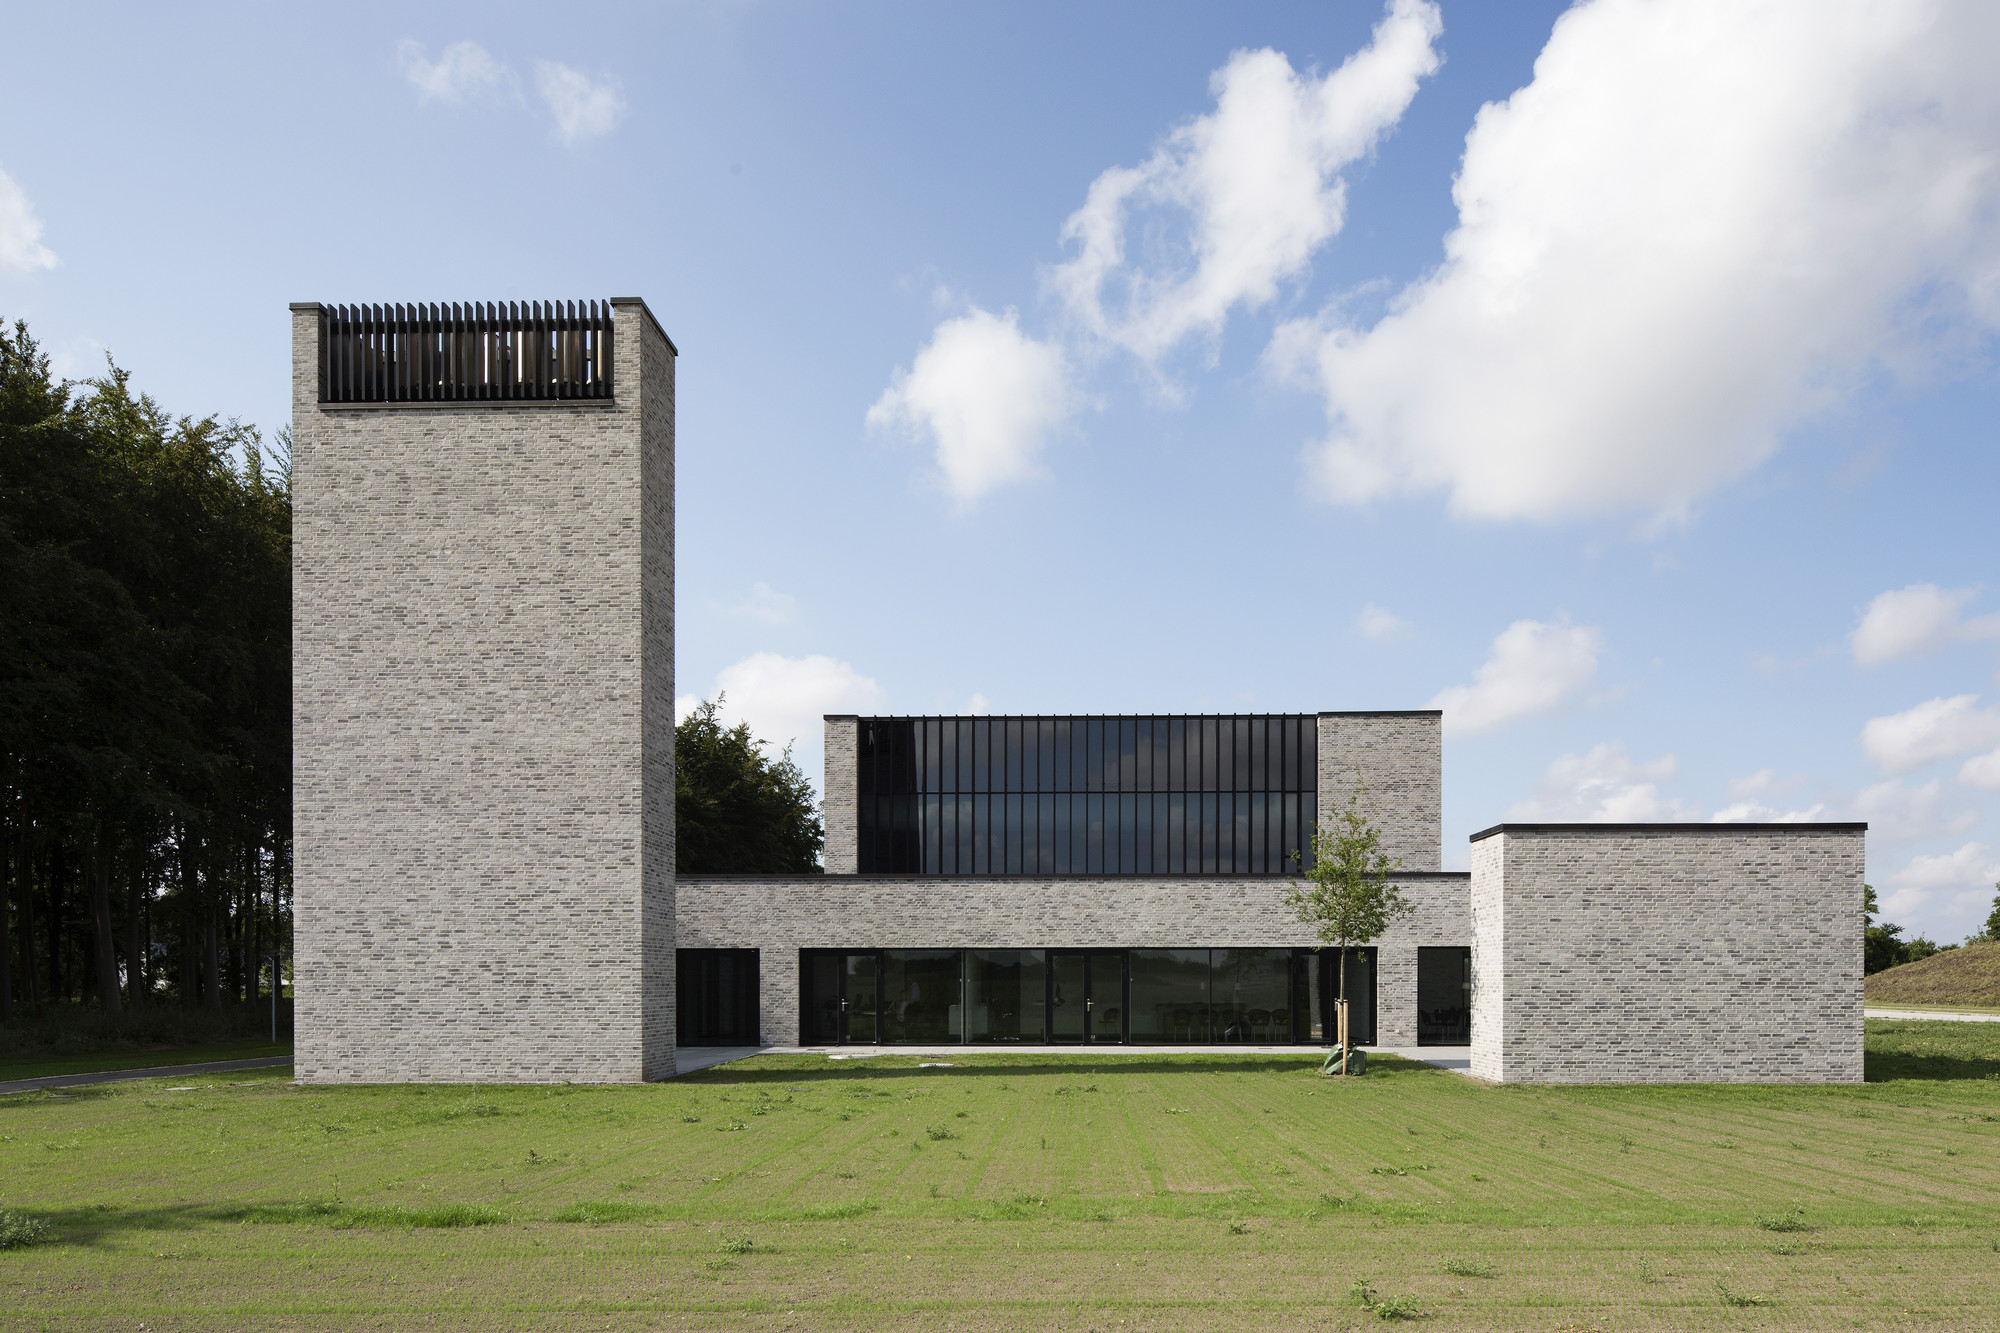 Crematorio Comunal / Henning Larsen Architects, © Anders Sune Berg